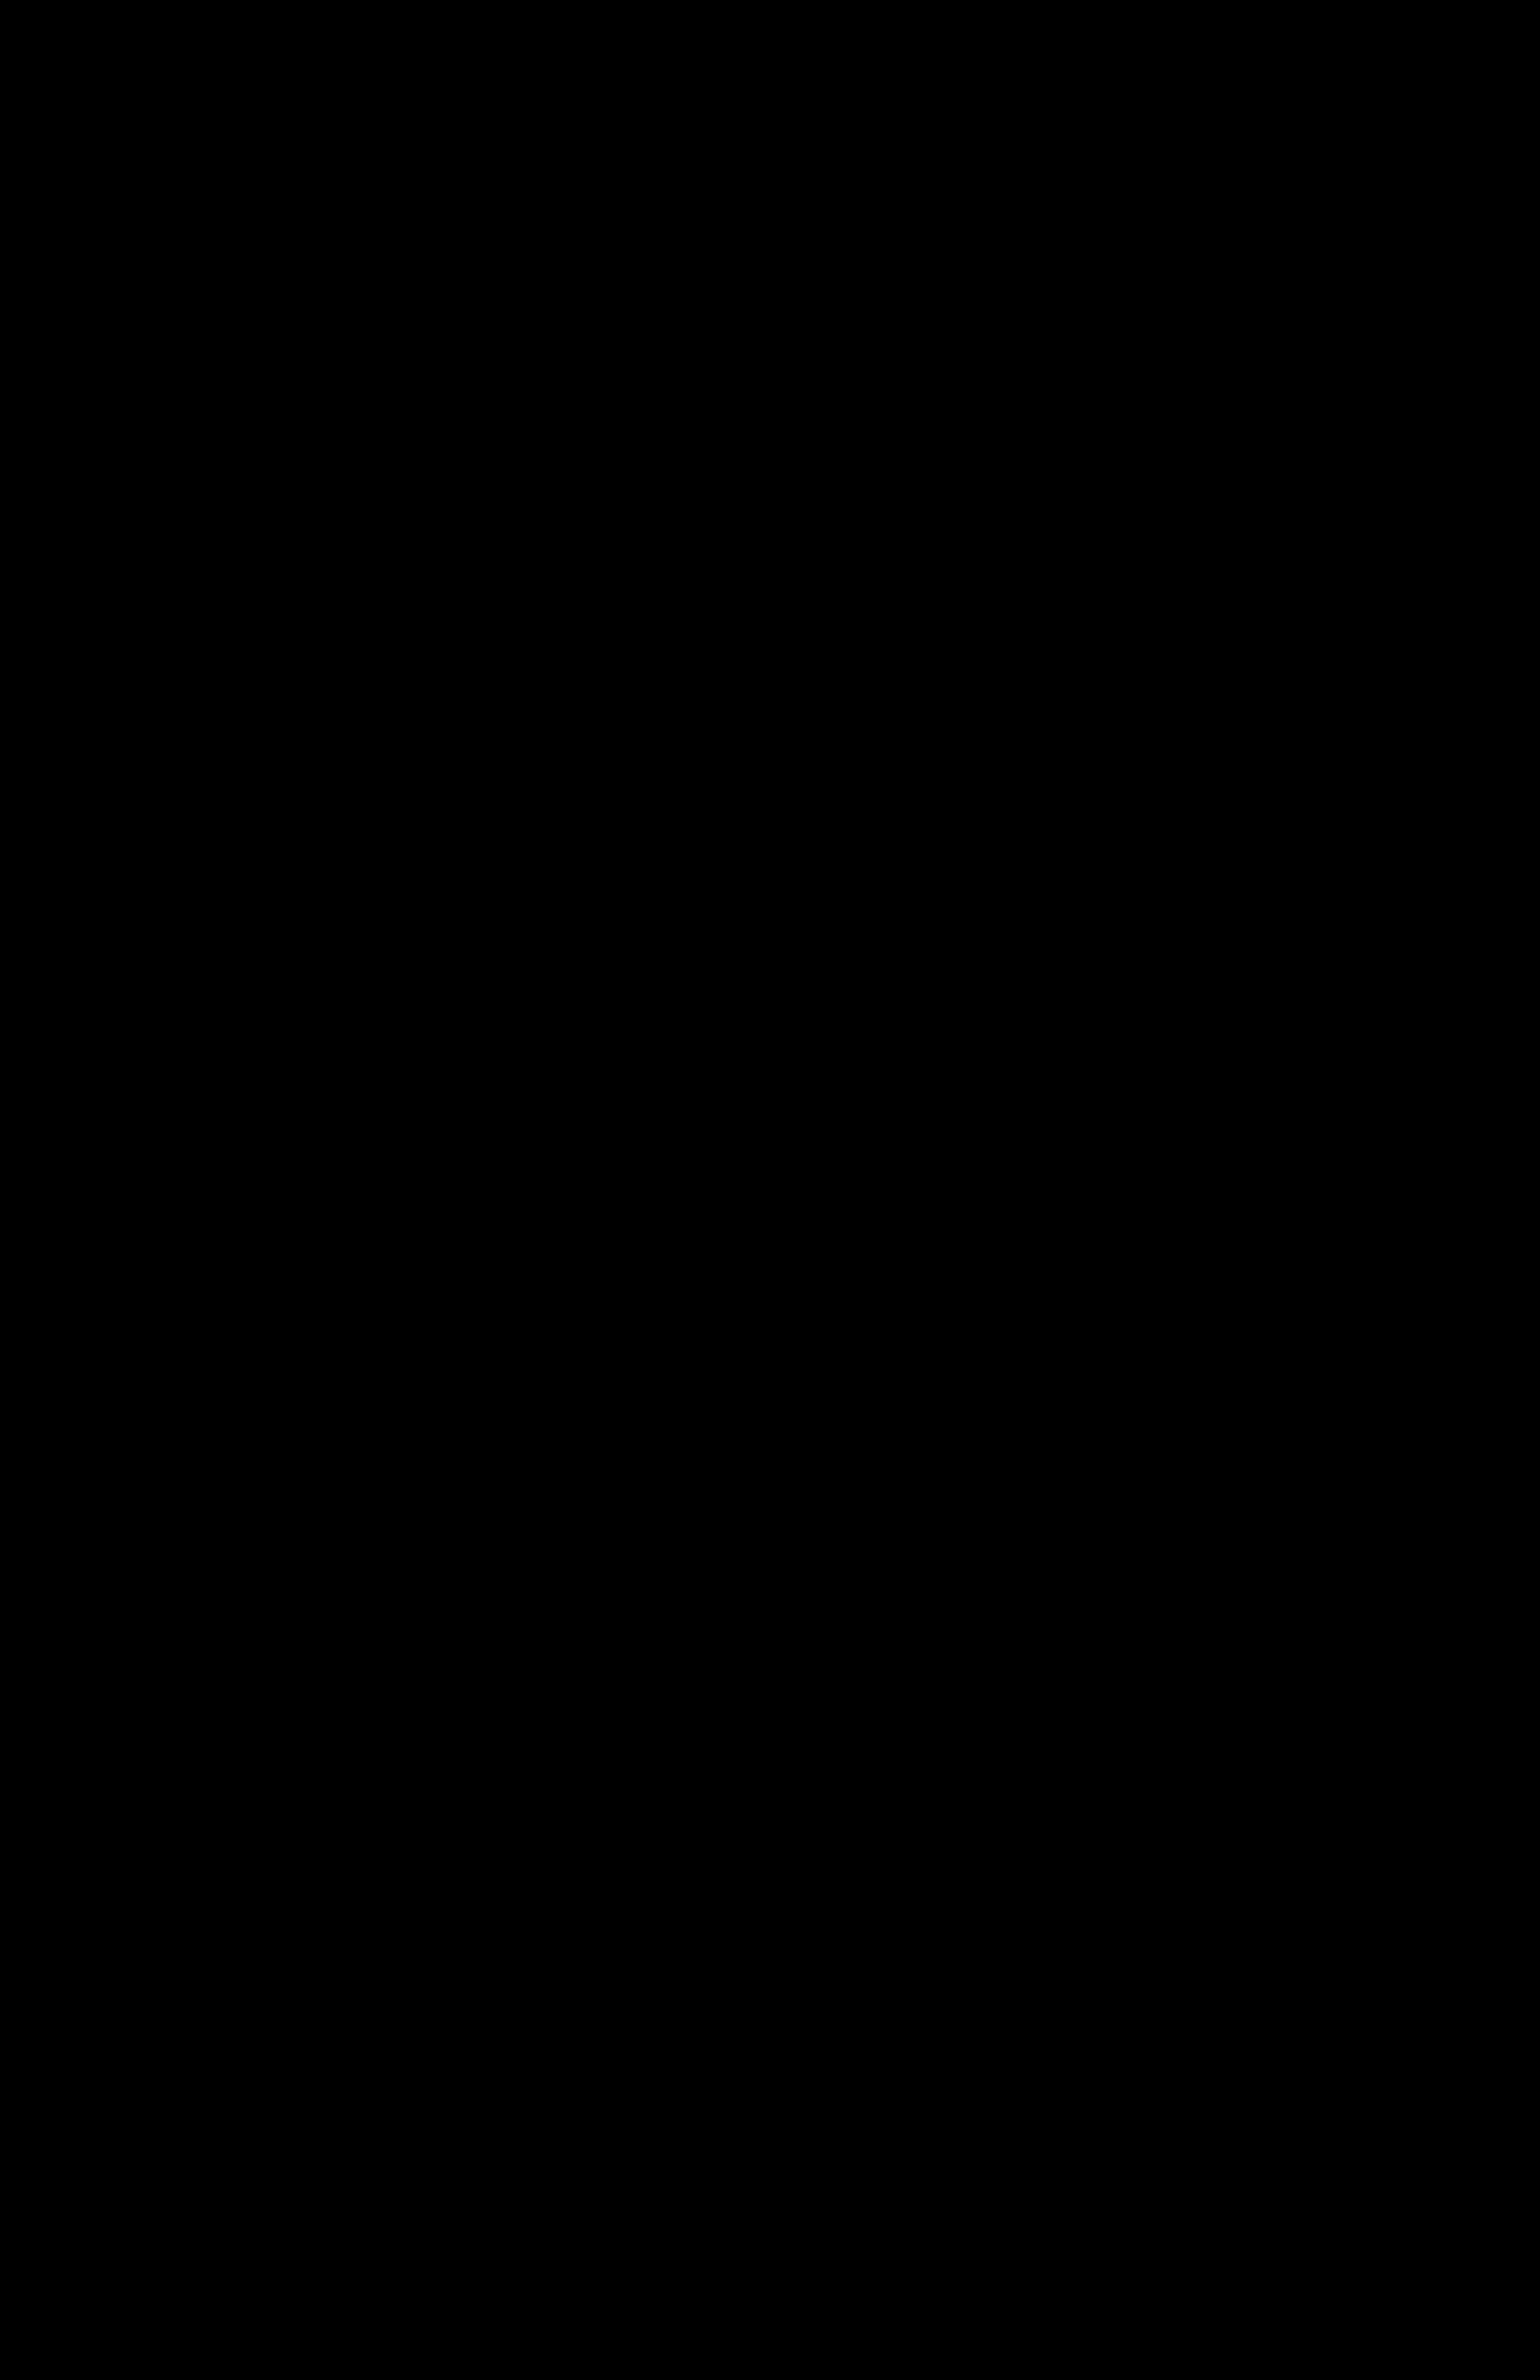 It's OK To Be A Glowstick copy